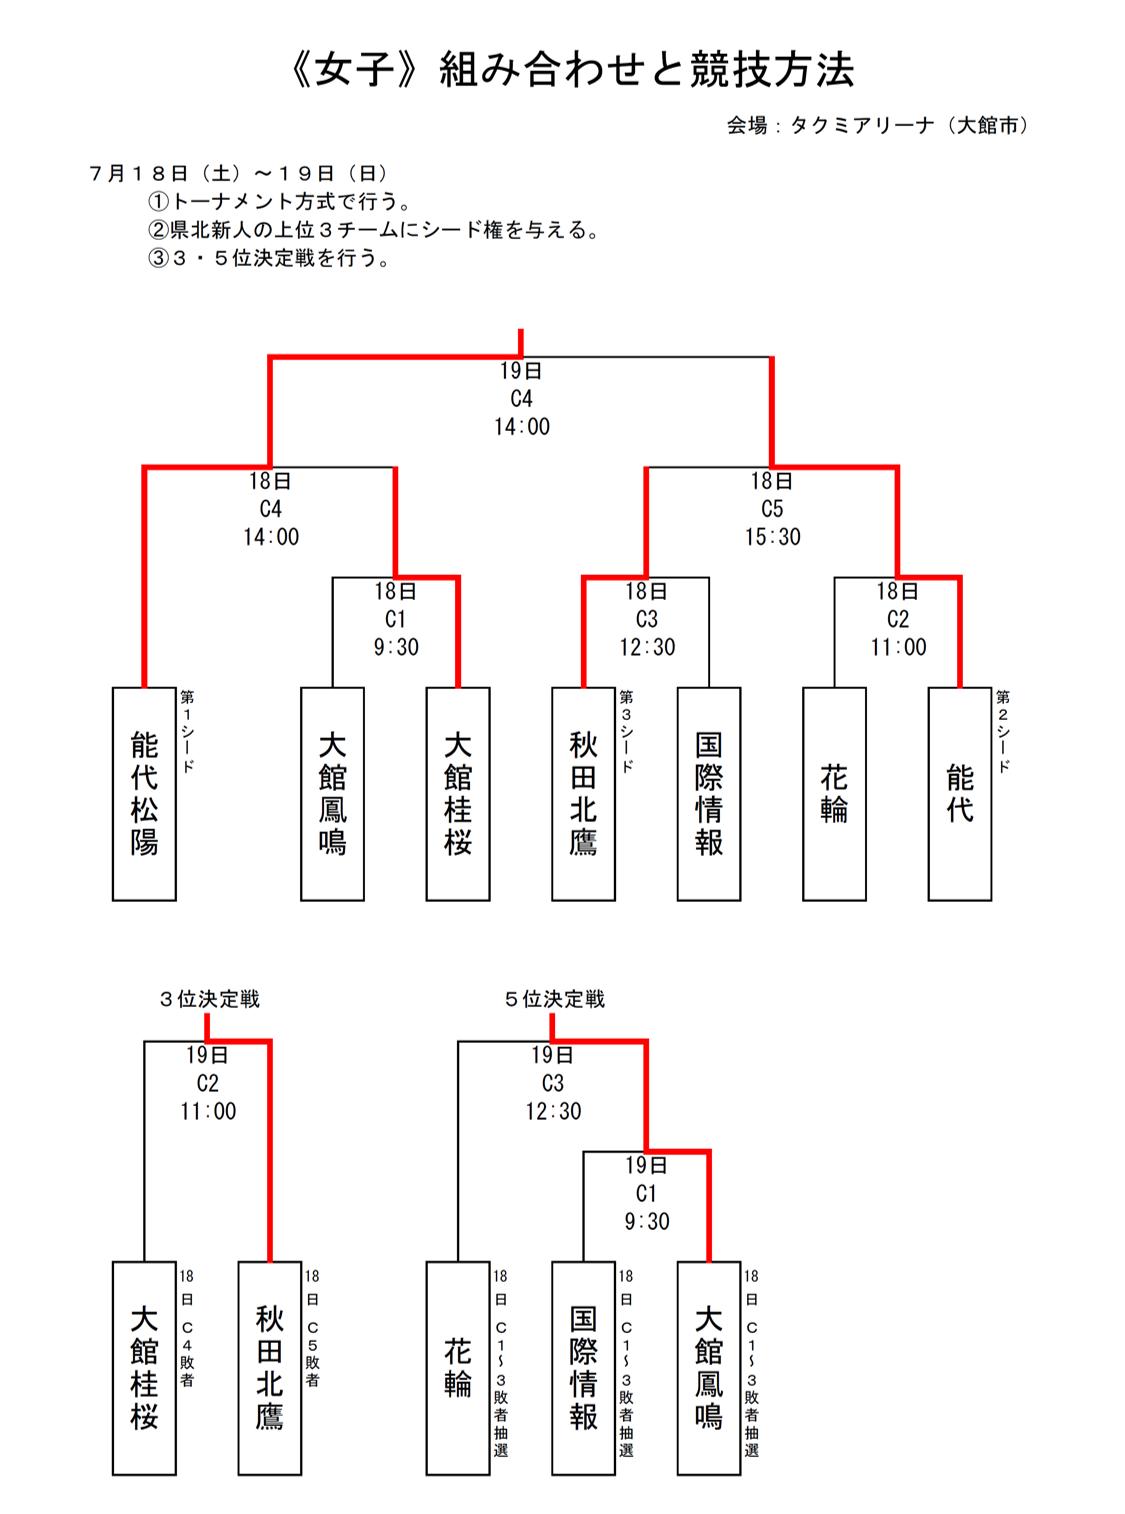 2020_秋田代替大会_県北地区_女子_結果